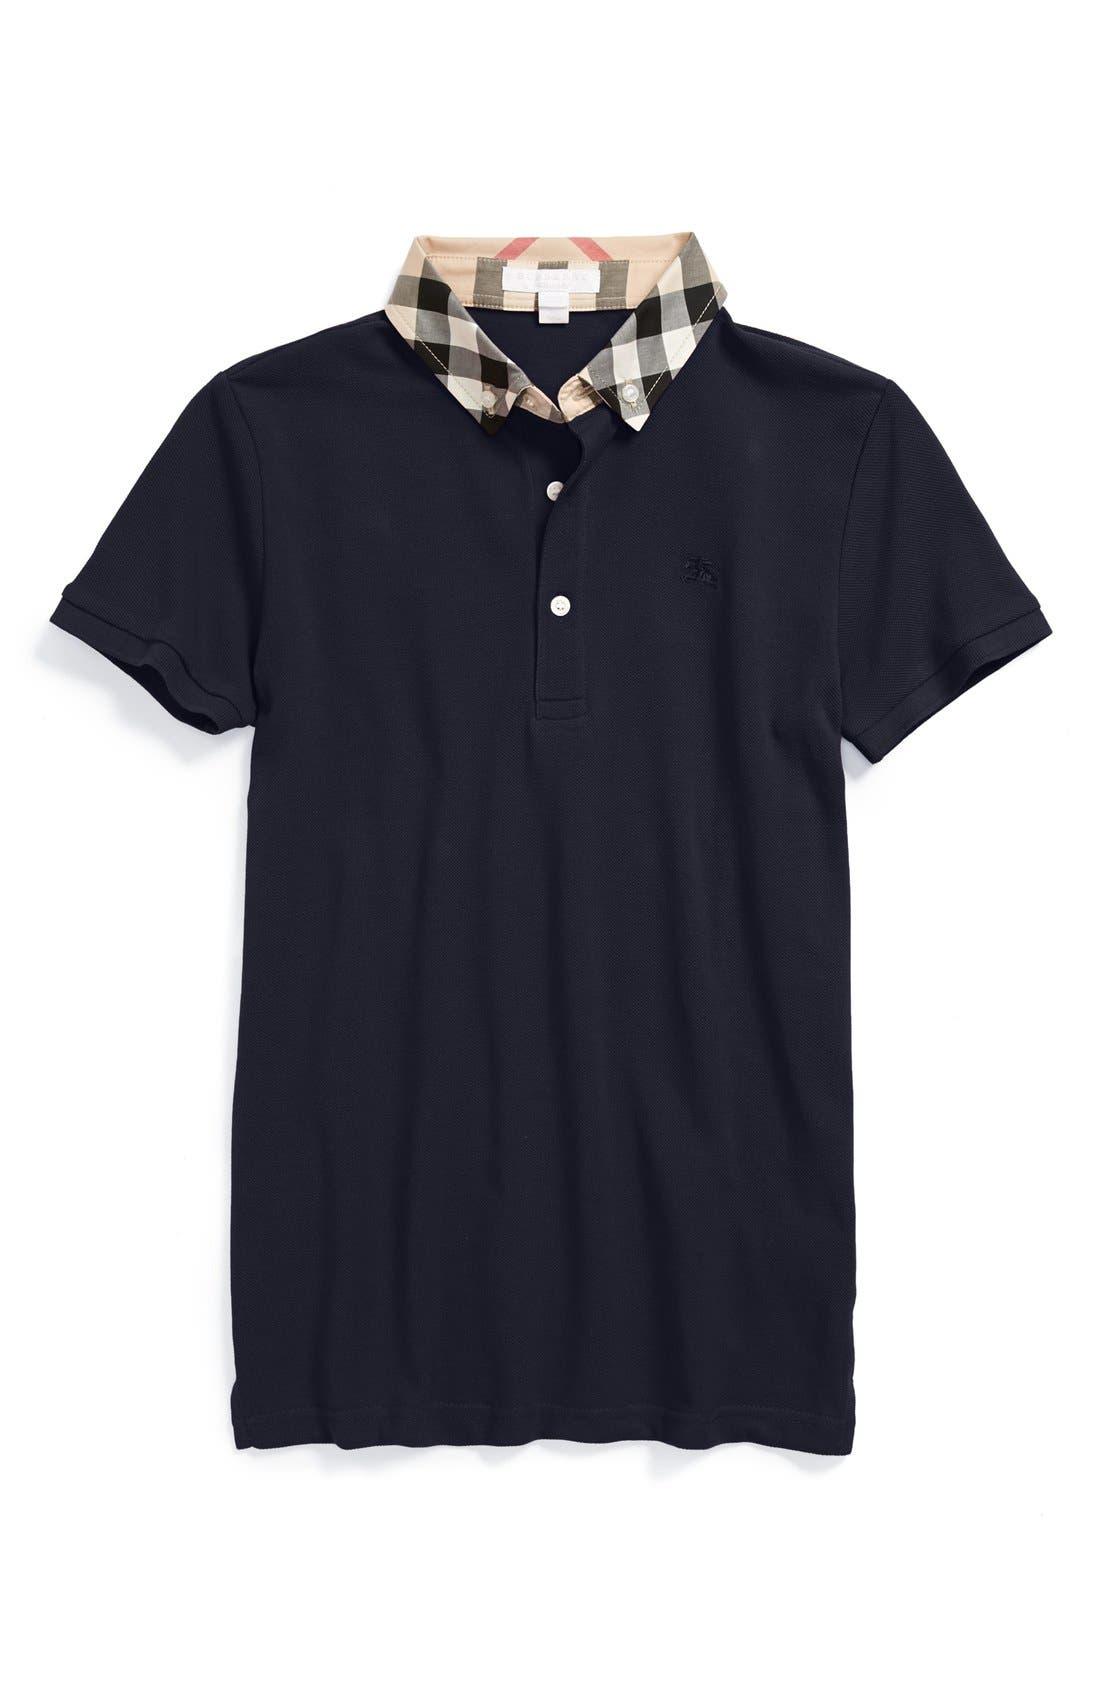 BURBERRY 'William' Cotton Polo